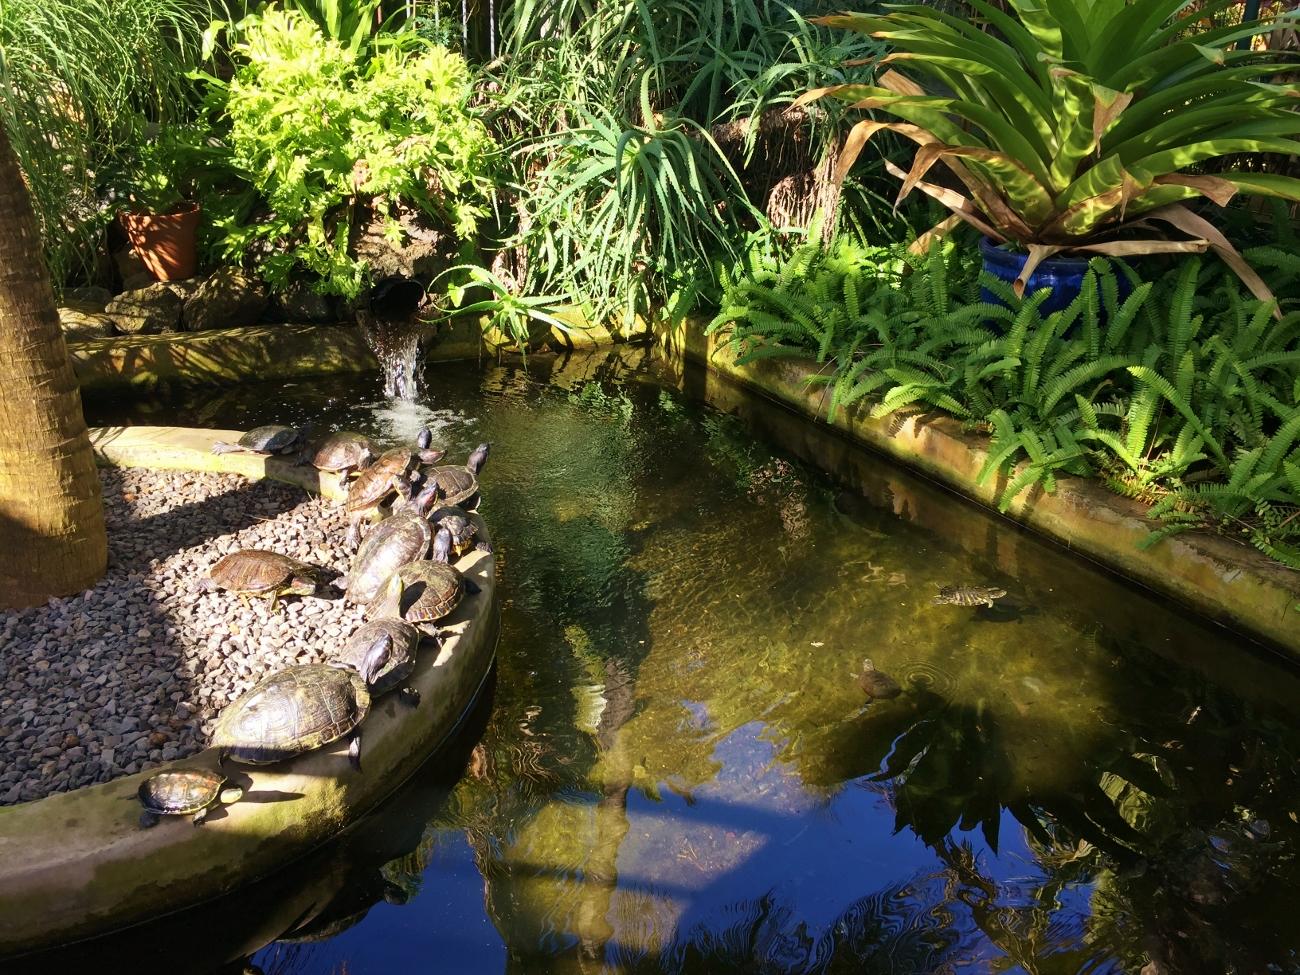 Le jardin des tortues terrestres et aquatiques